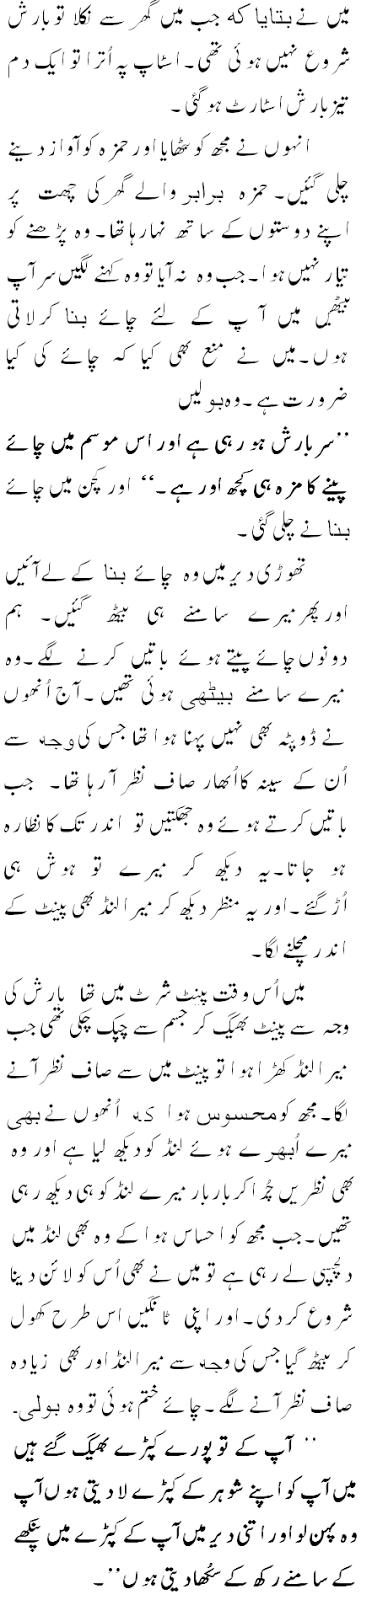 Urdu Chudai Kahani-7824